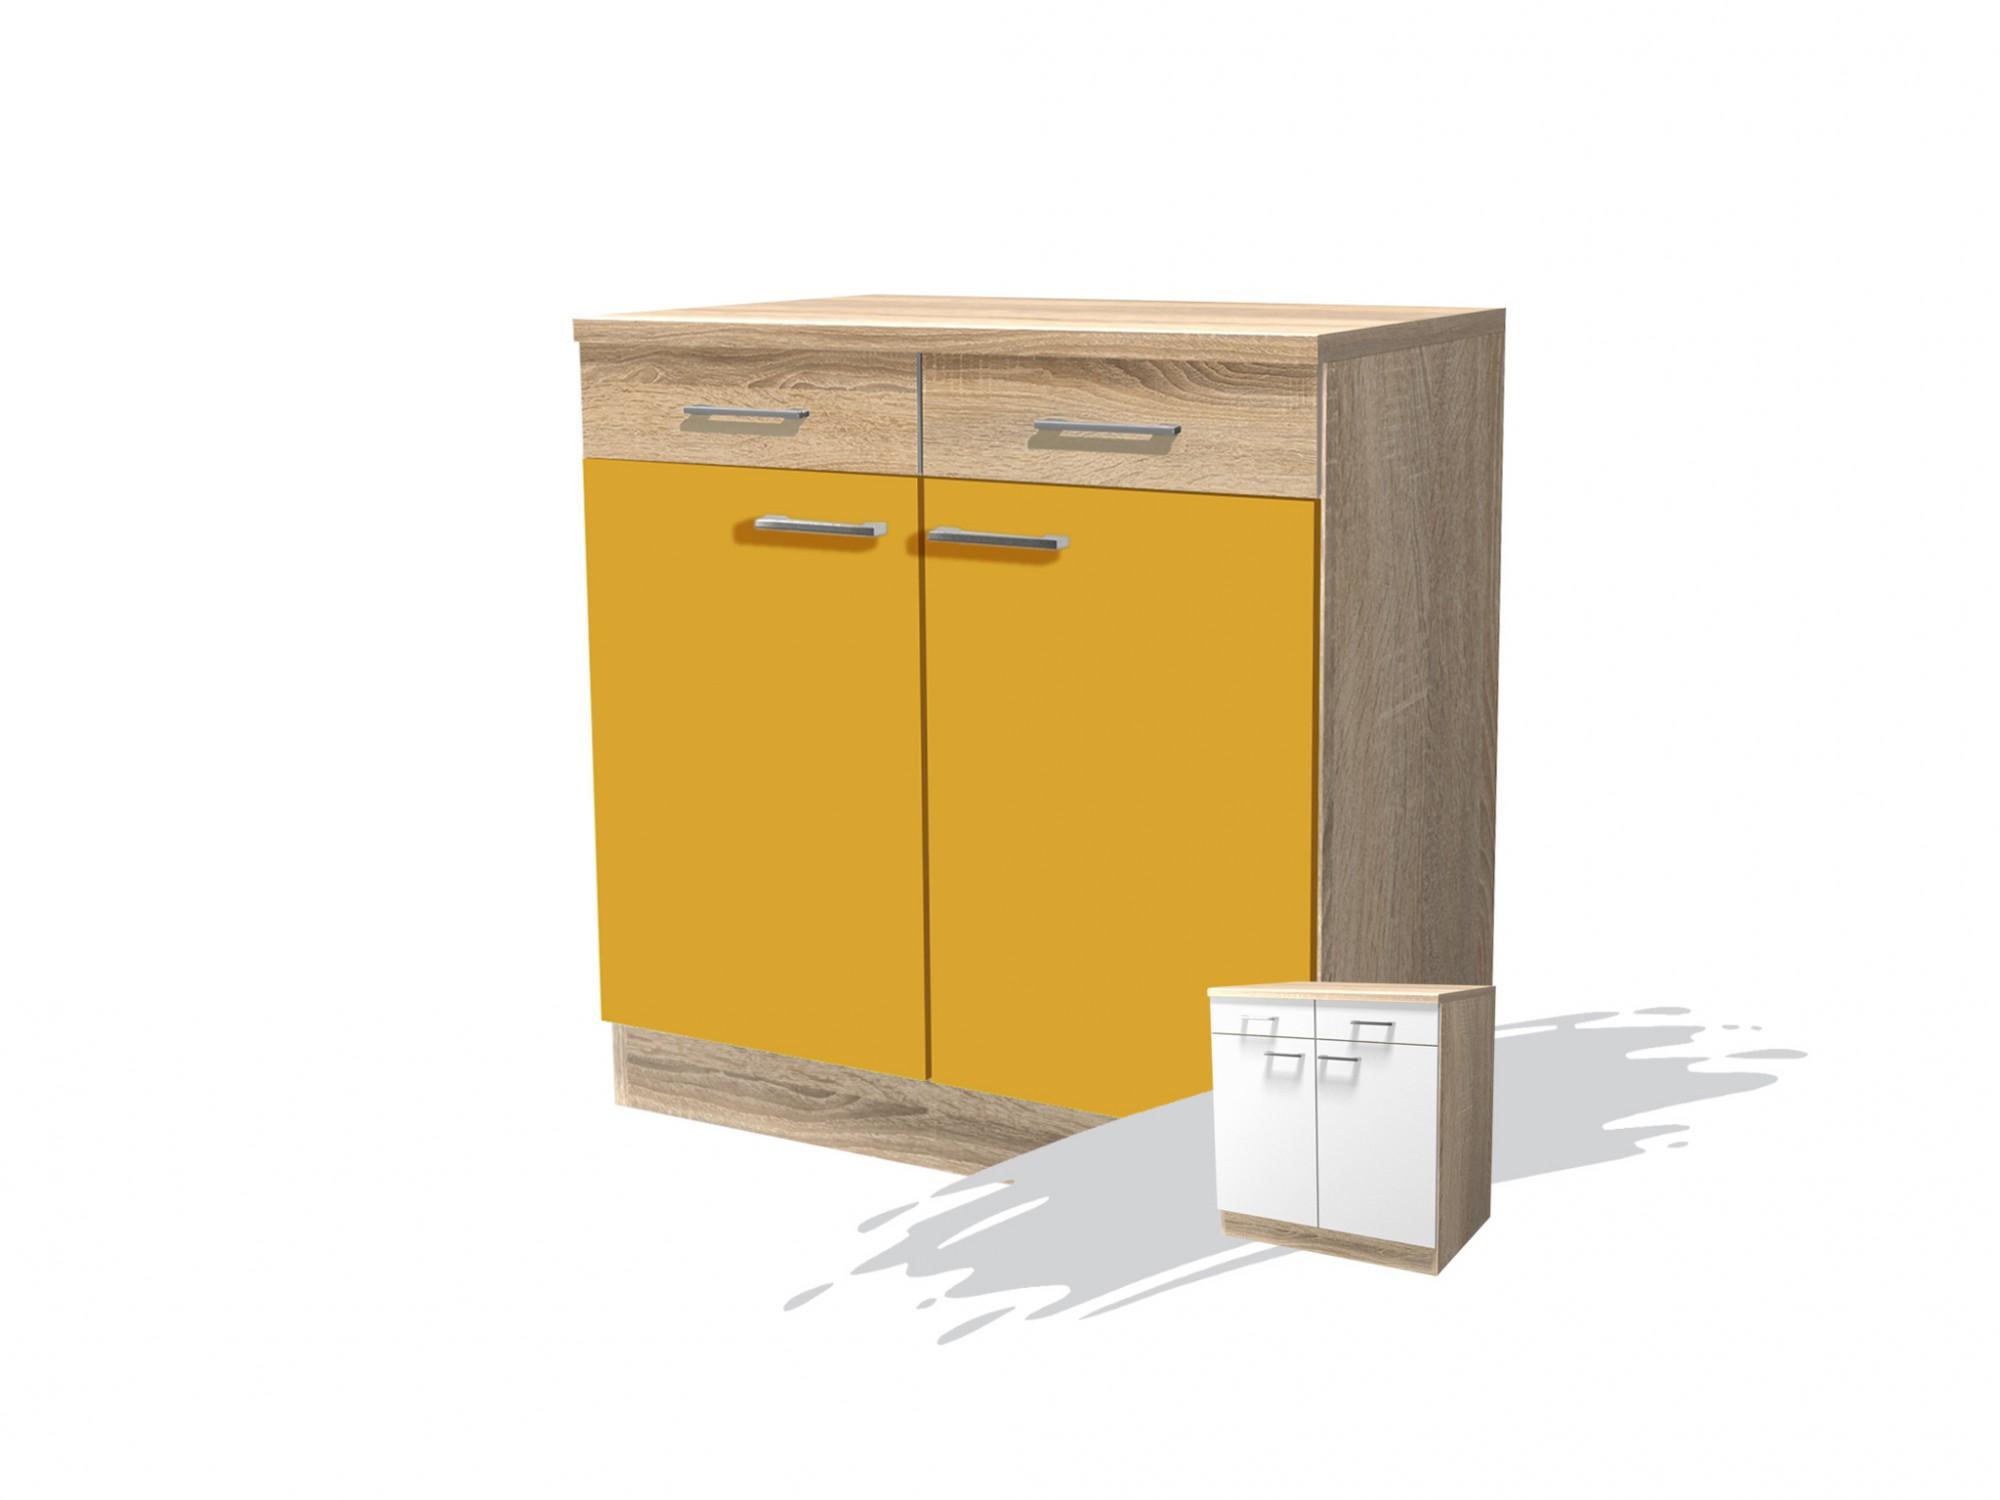 Küchen Unterschrank ROM 2 türig 80 cm breit Gelb